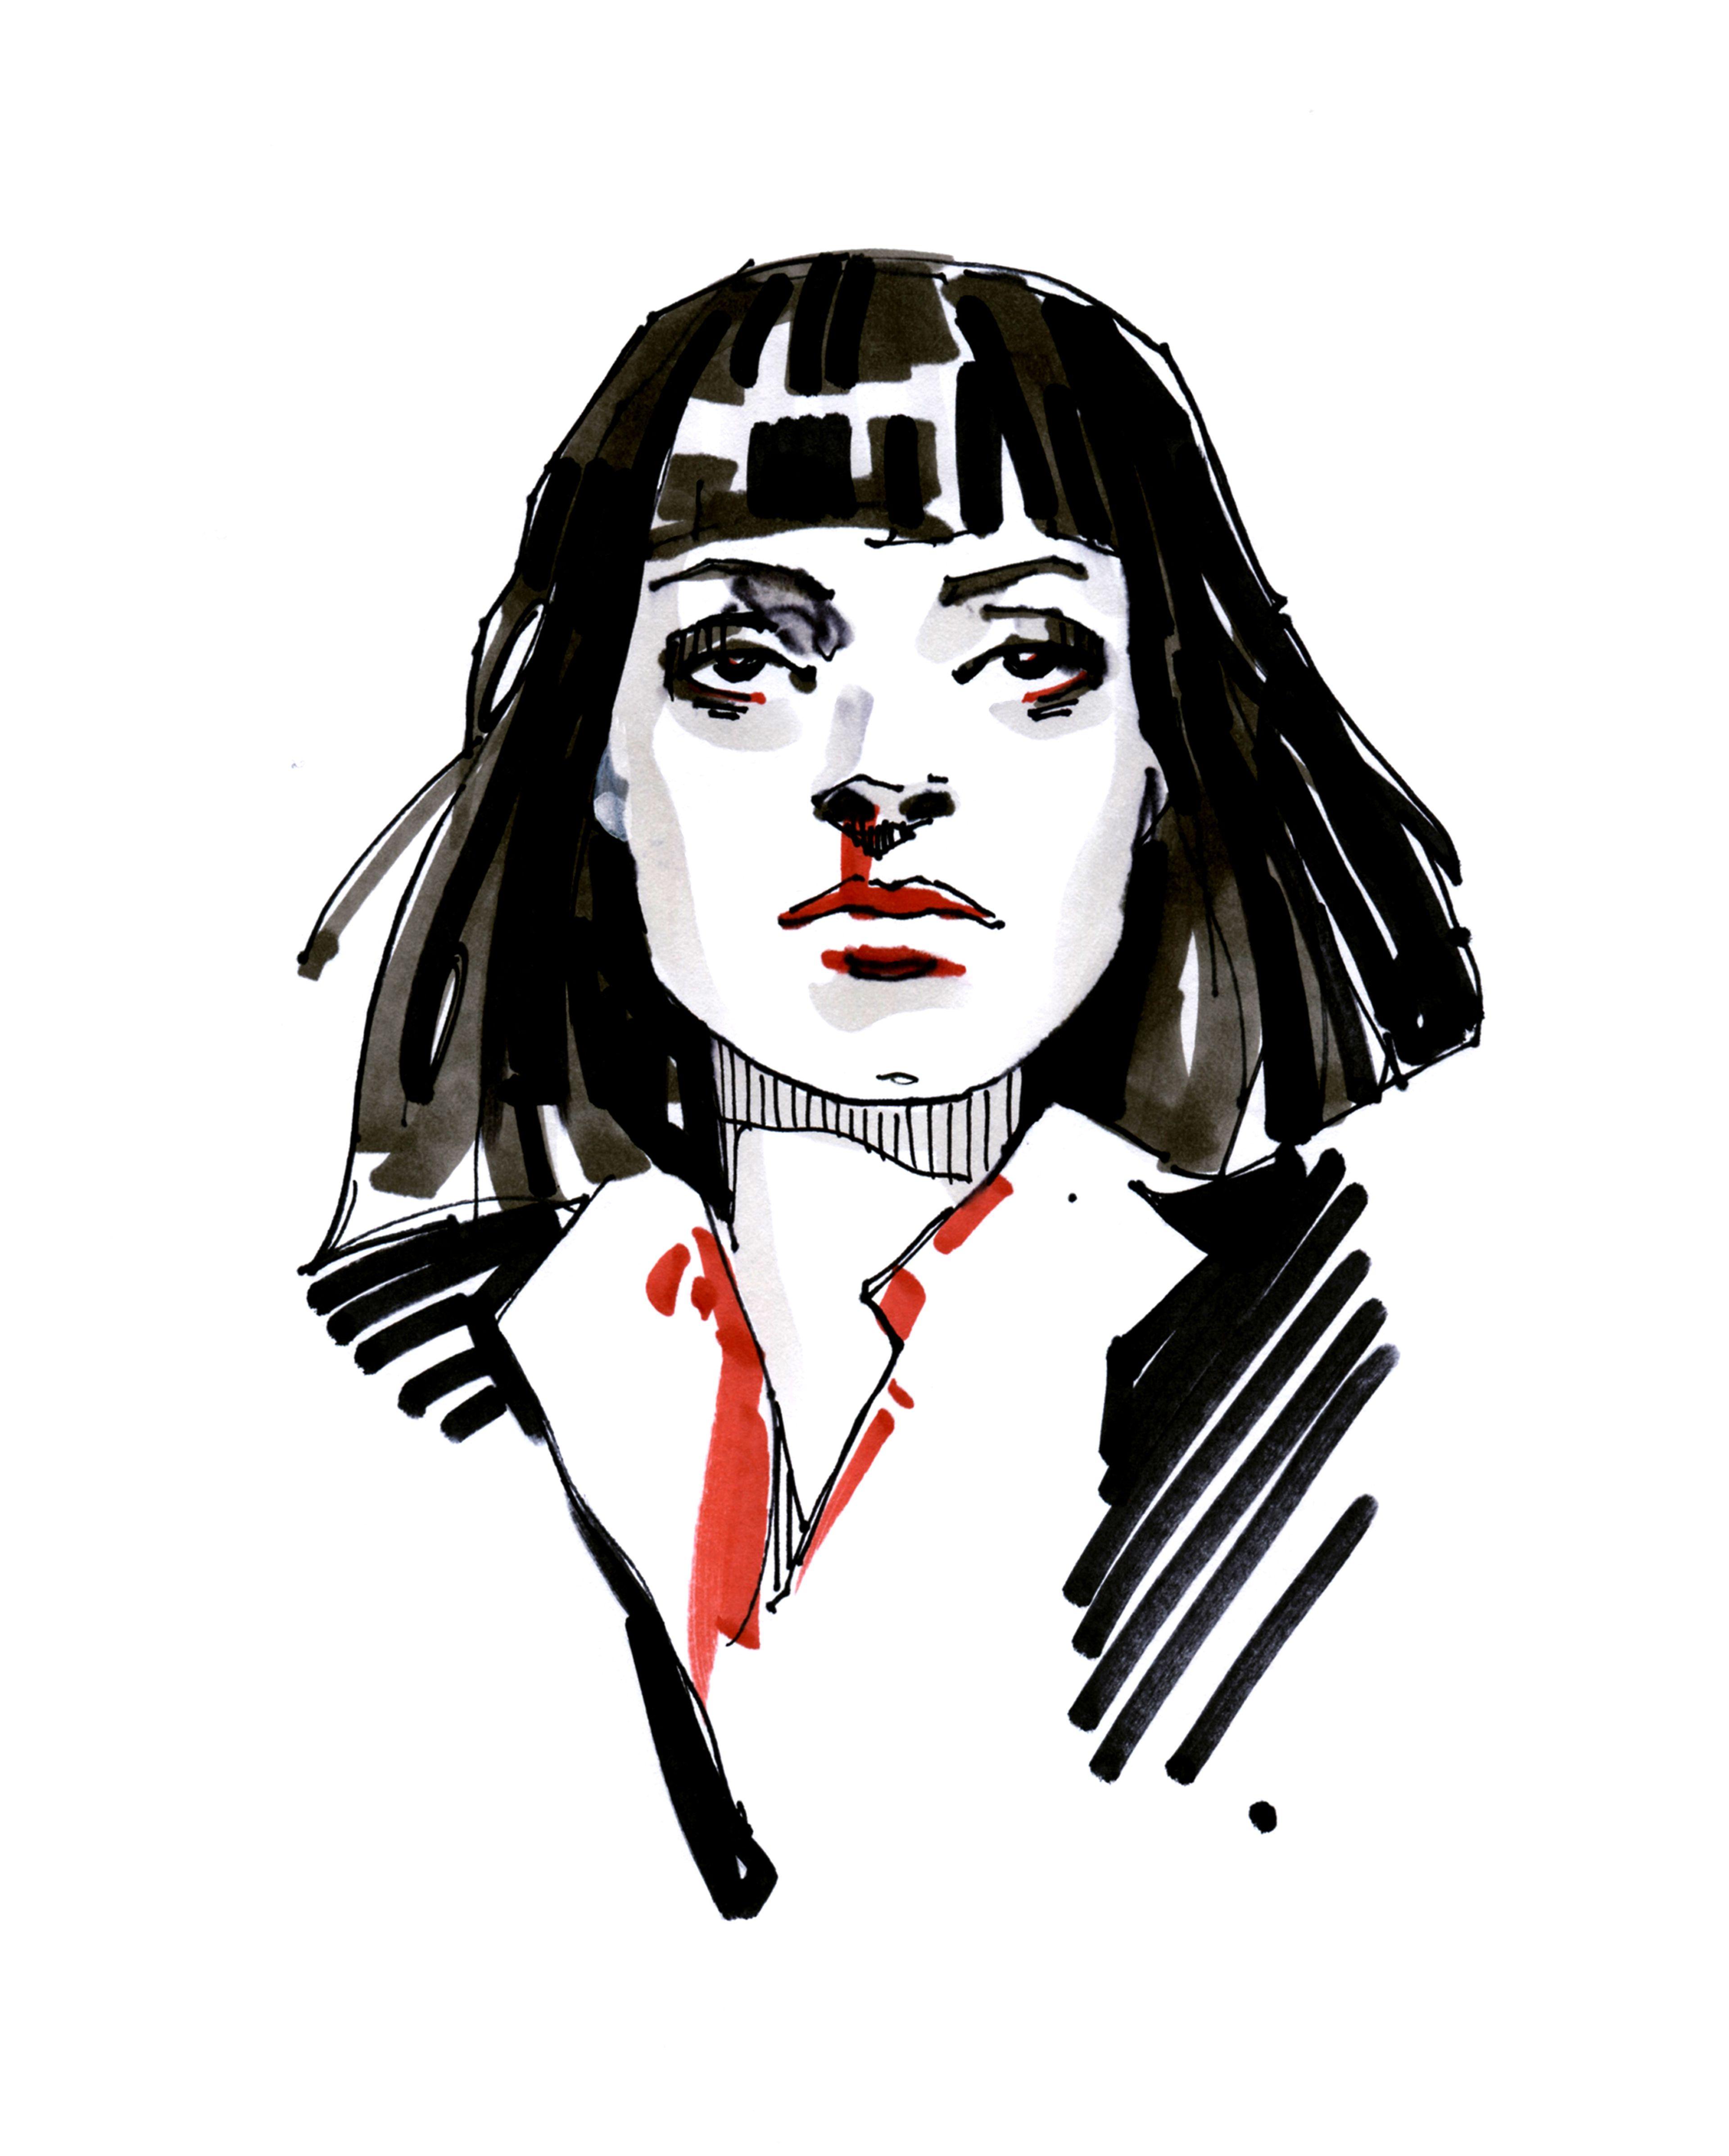 Seriya Portretov Po Motivam Filma Kriminalnoe Chtivo Kriminalnoe Chtivo Kventin Tarantino Illyustracii Art